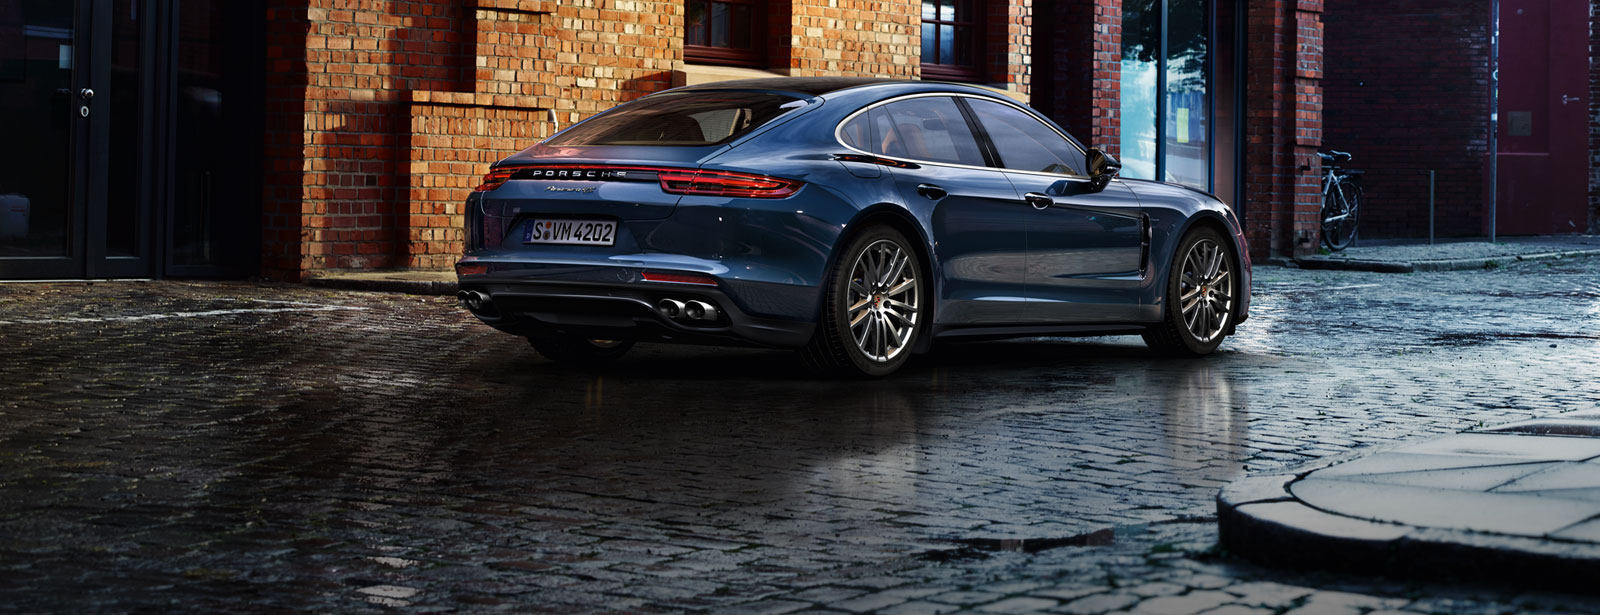 Porsche - Nowa Panamera 4S Diesel